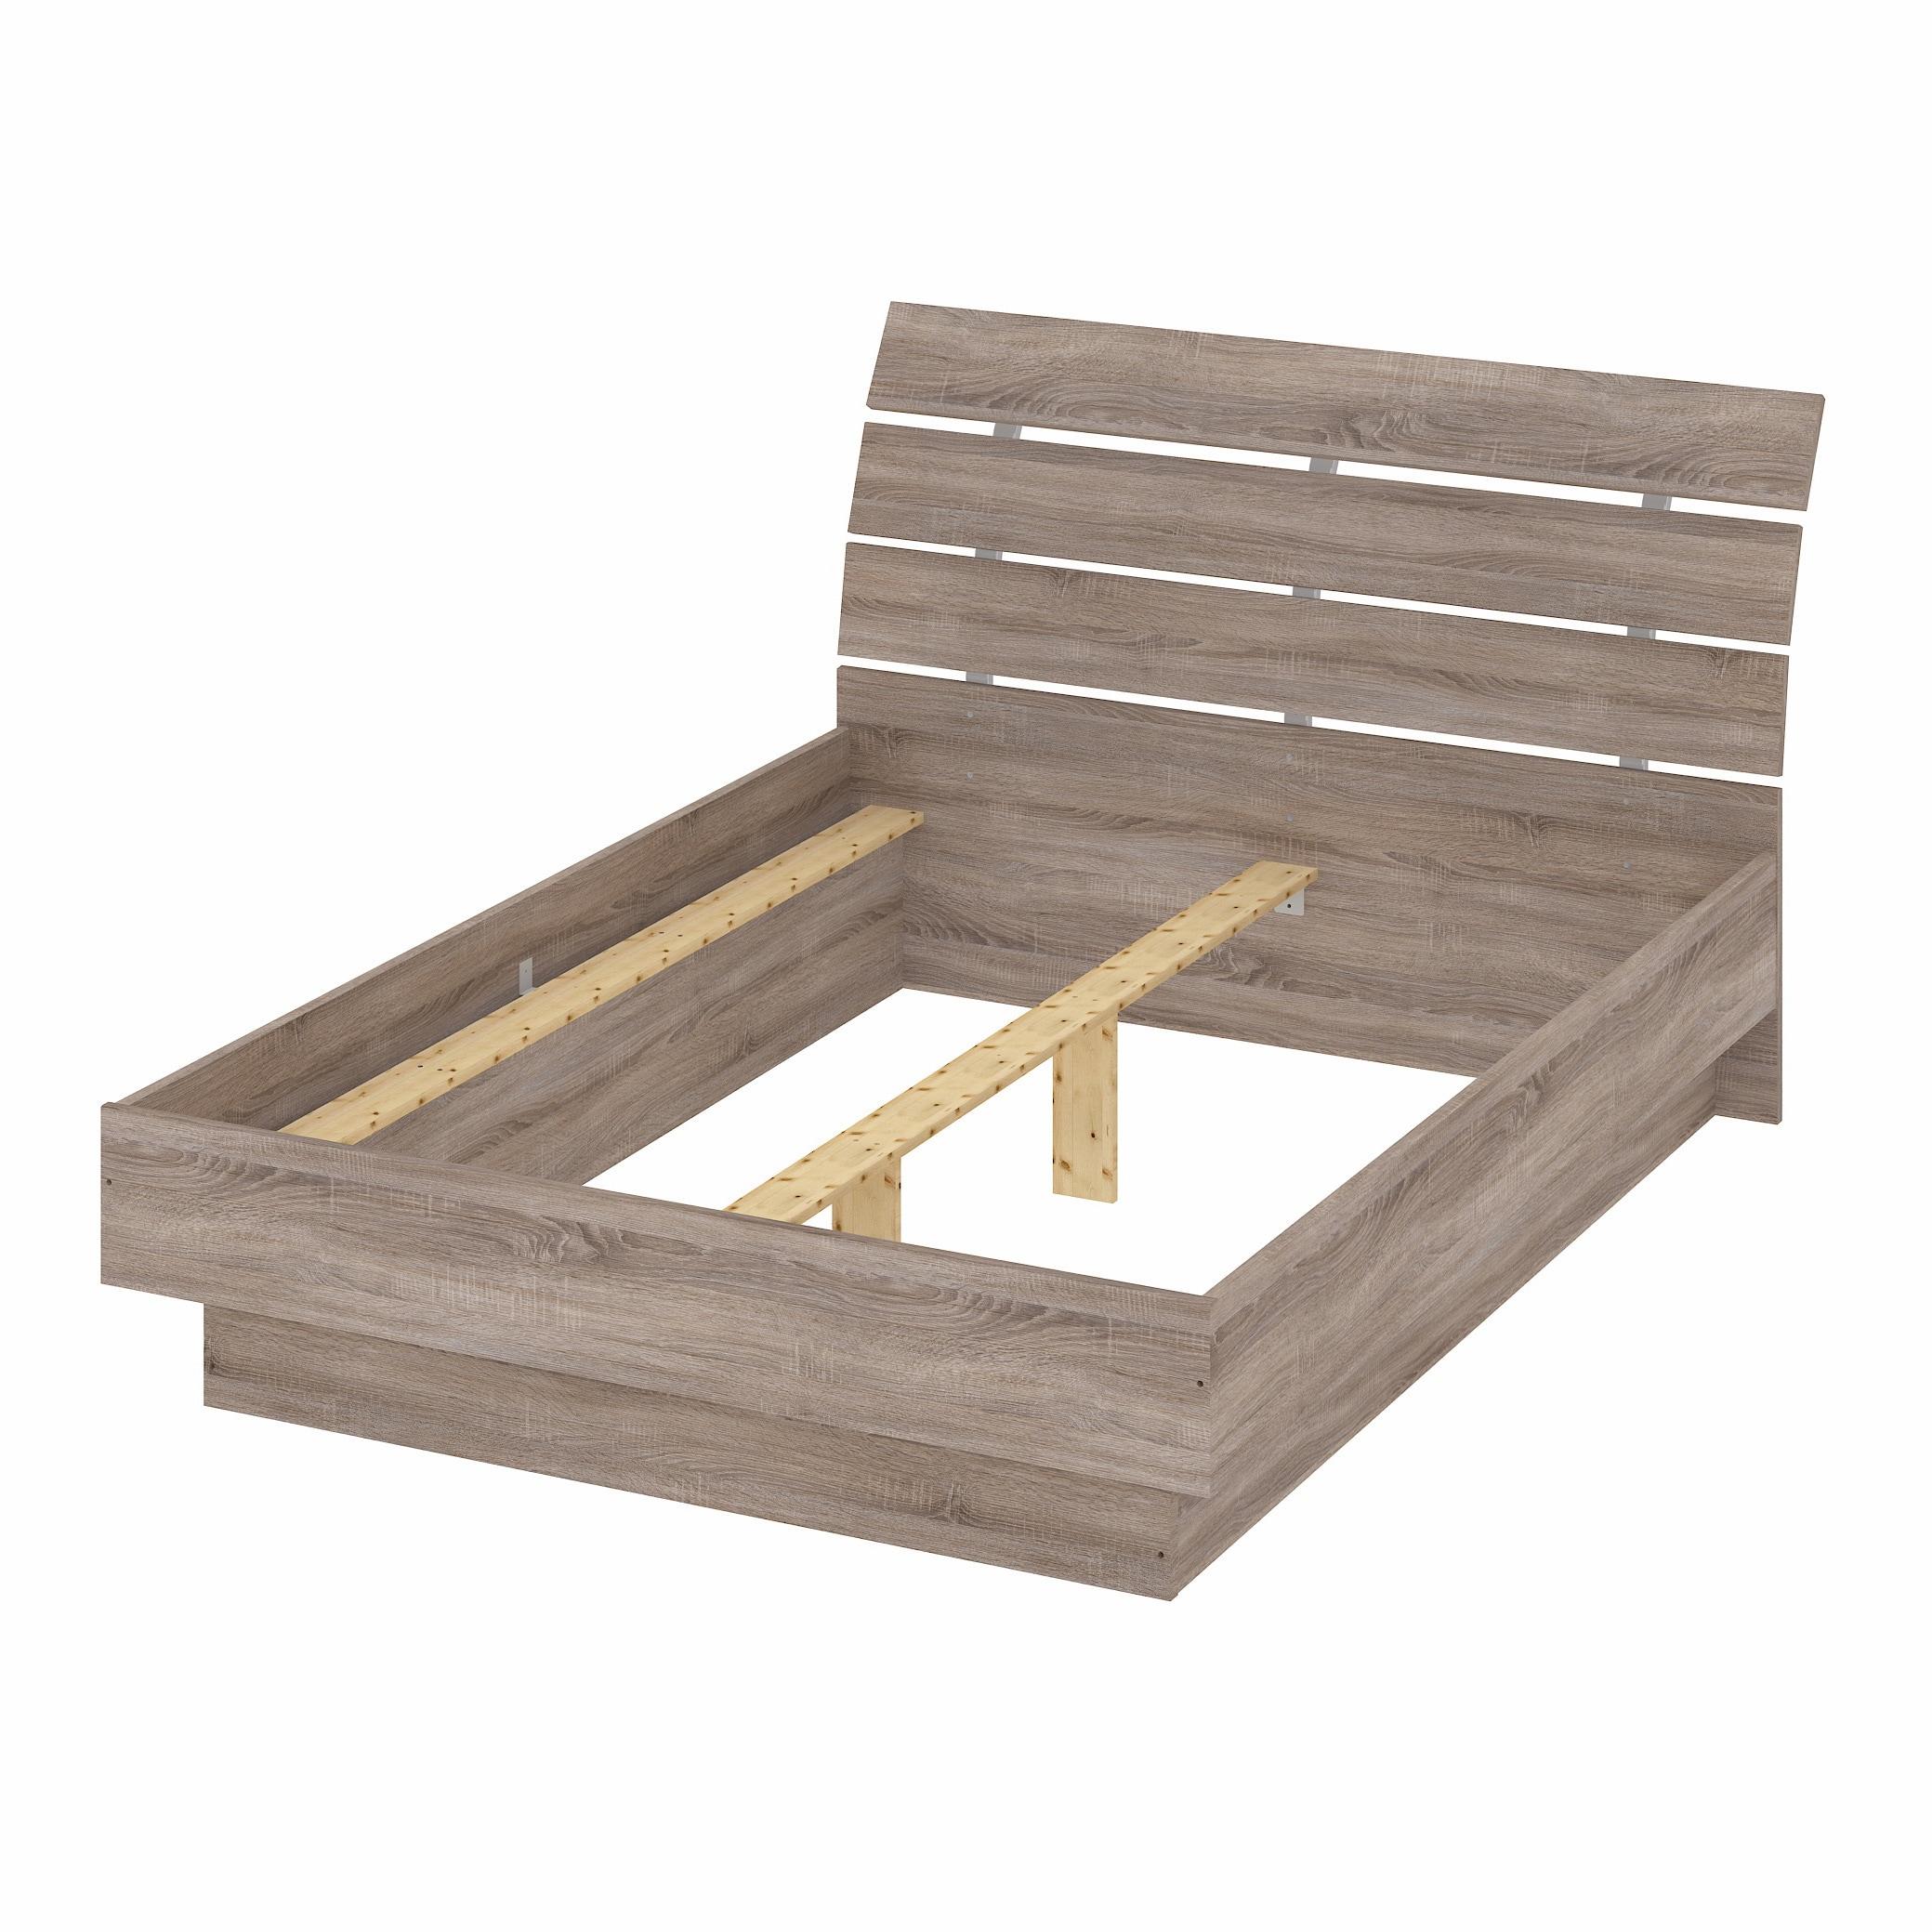 TVILUM-SCANBIRK Scottsdale Truffle Bed Frame (Queen), Brown